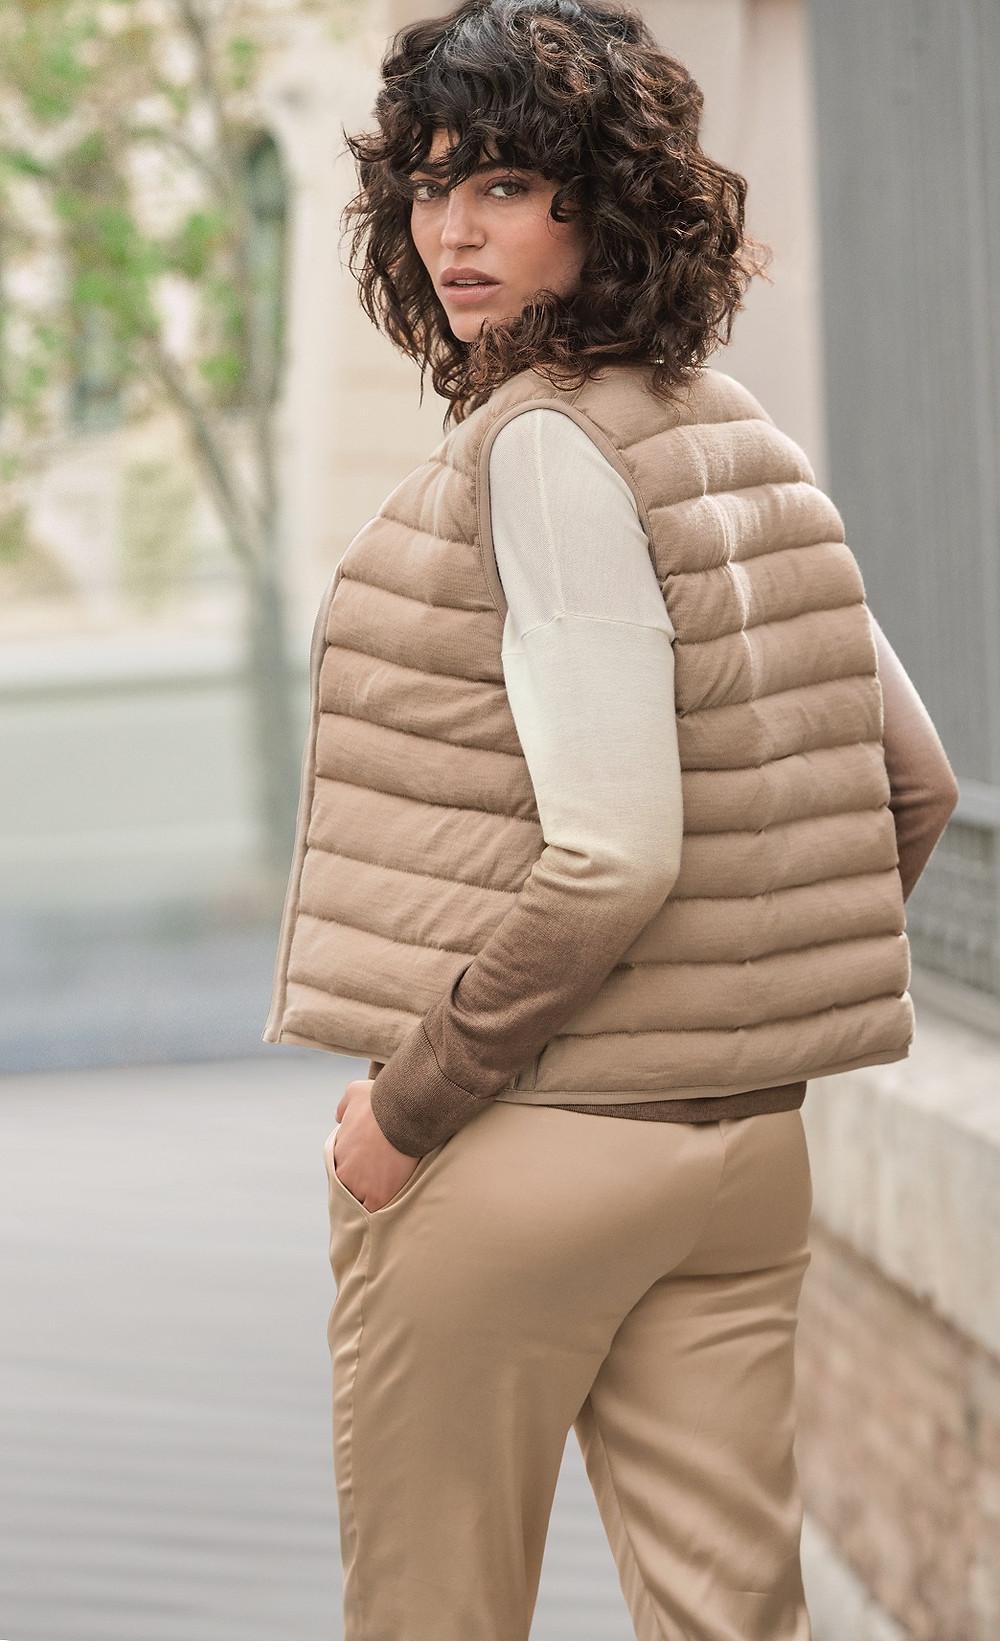 Falconeri cashmere pullovers.